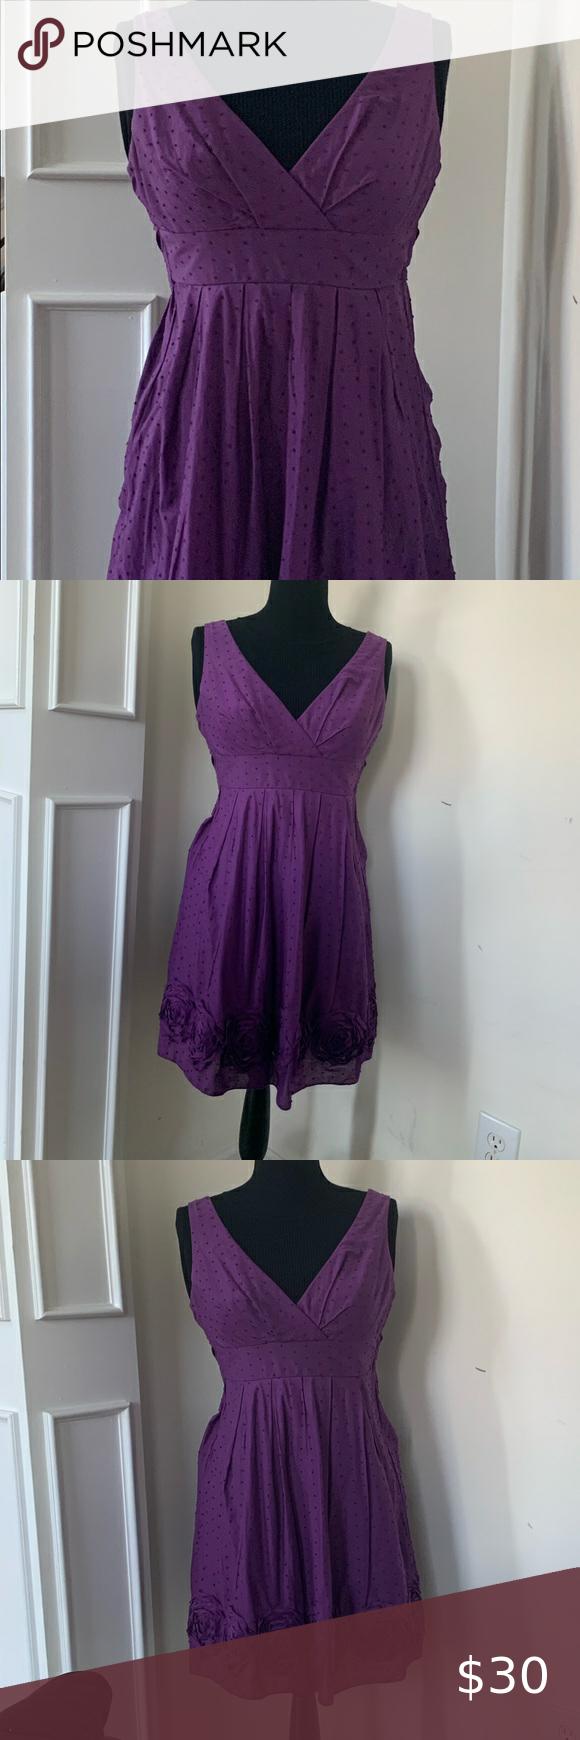 I N San Francisco Purple Rose Border Sundress 5 Purple Mini Dresses Clothes Design Silk Mini Dress [ 1740 x 580 Pixel ]